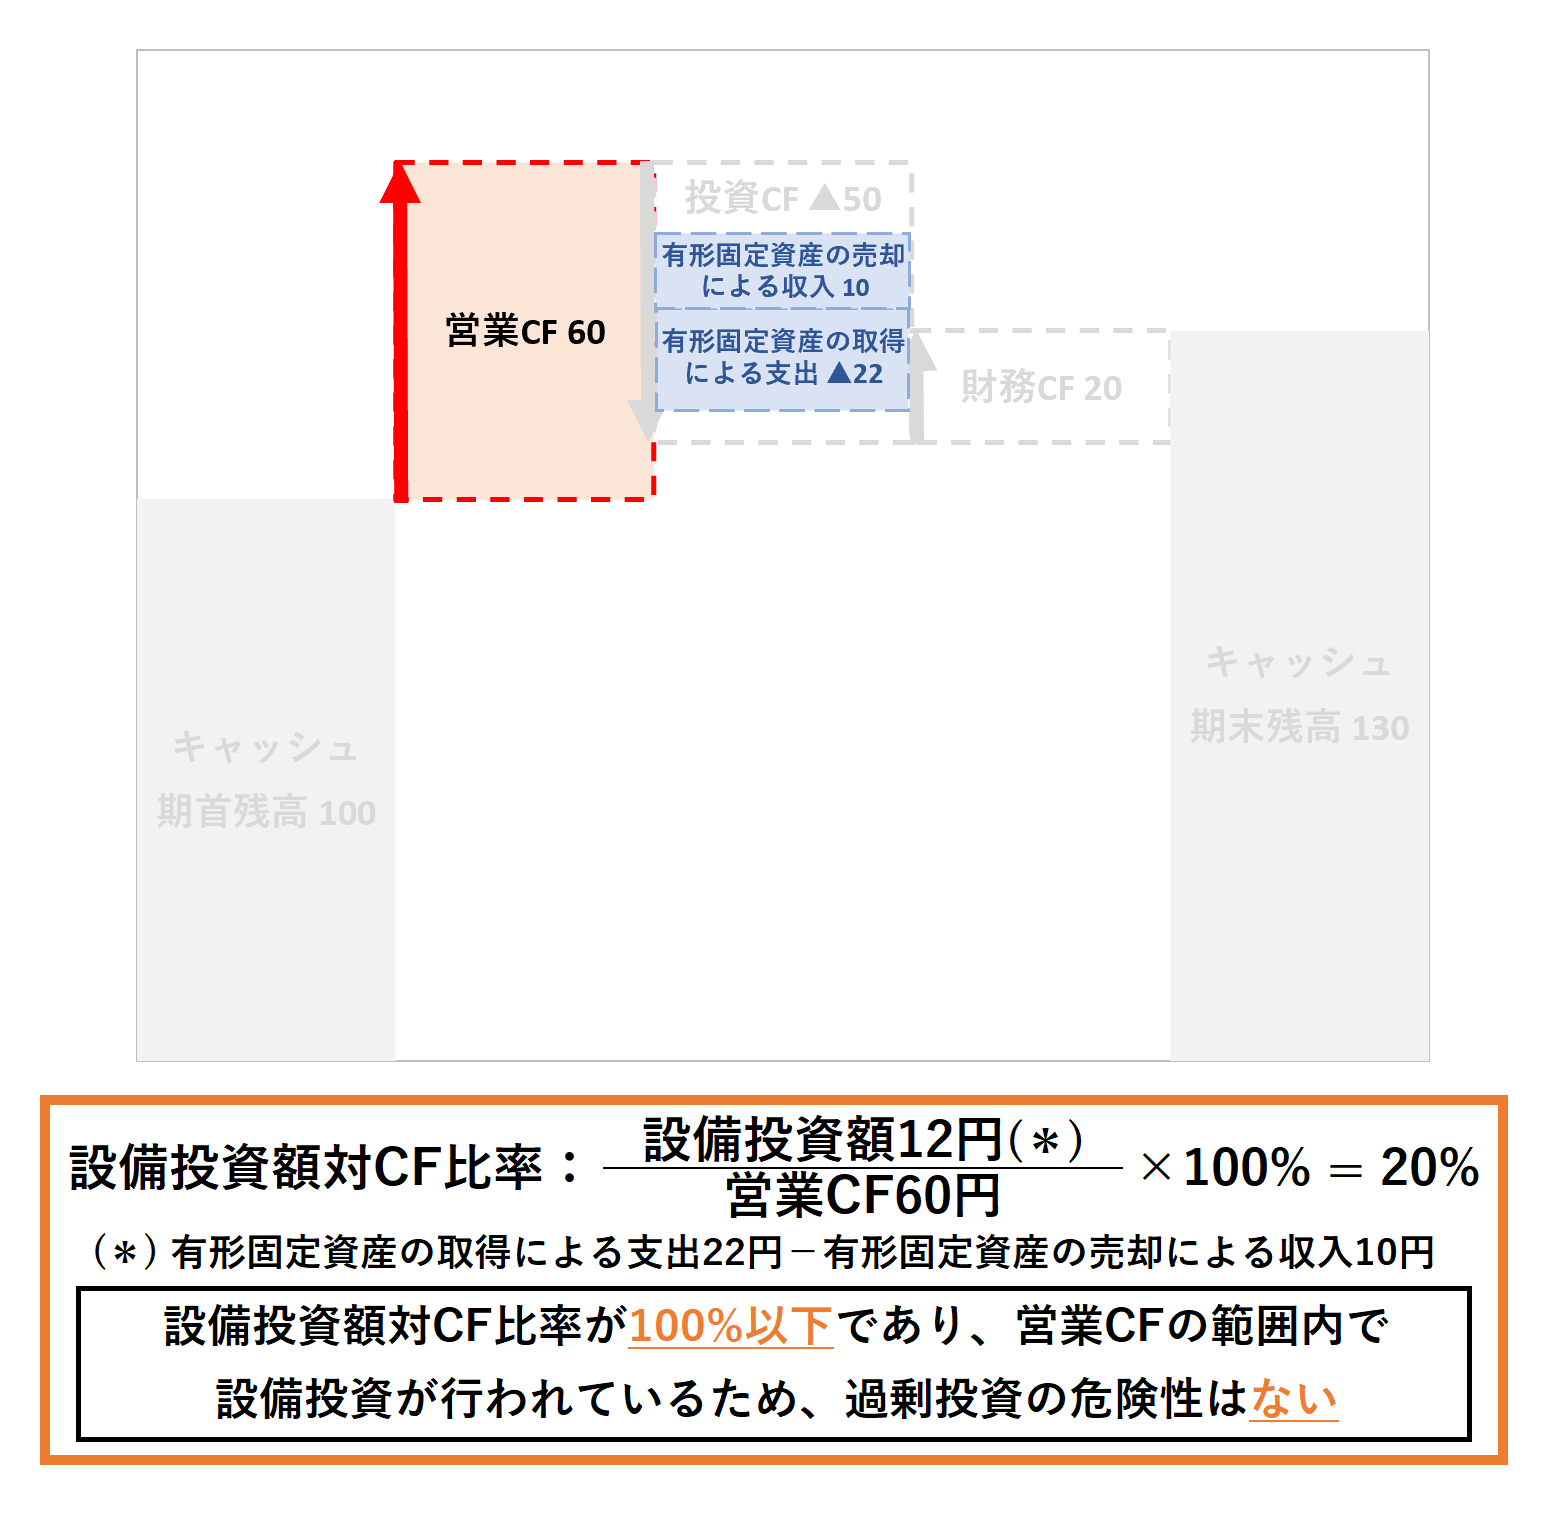 CF分析(2級):設備投資額対CF比率ー解答